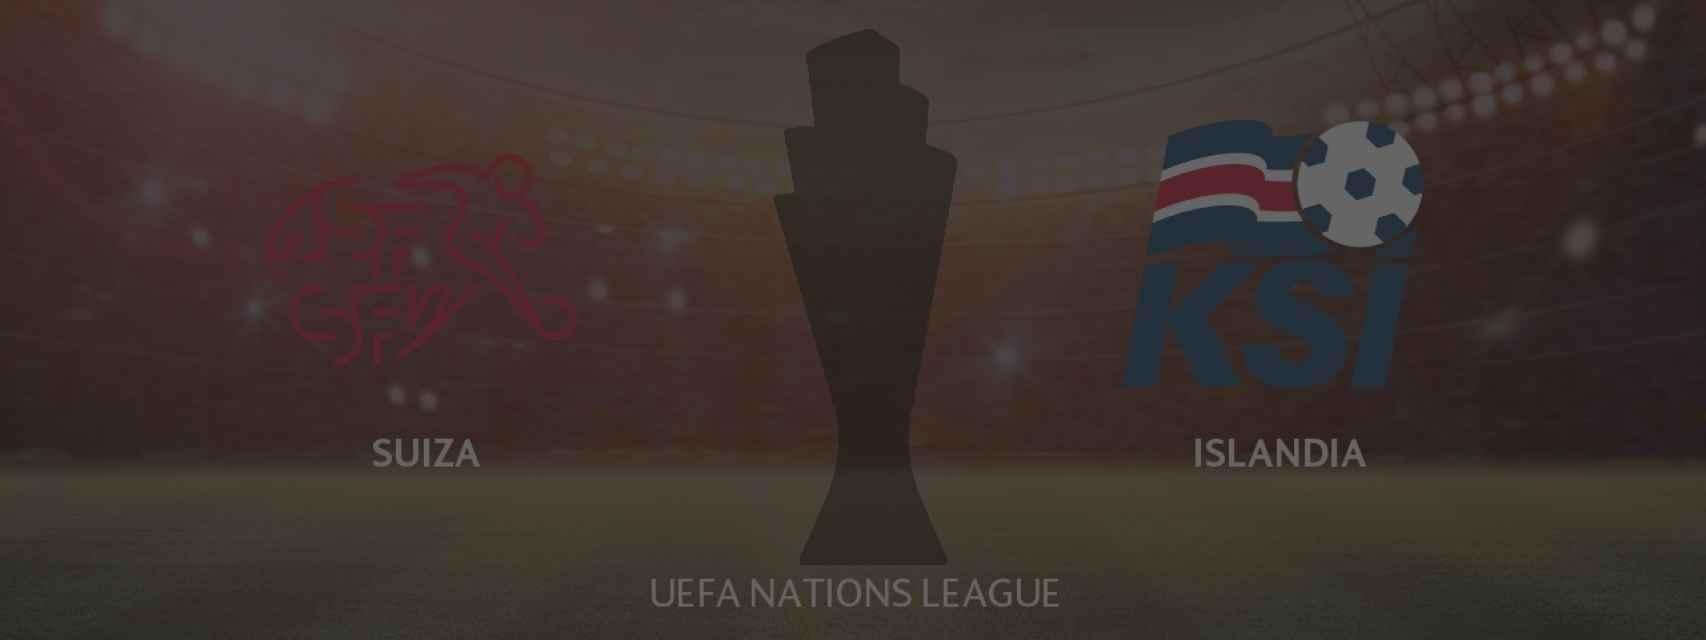 Suiza - Islandia, UEFA Nations League